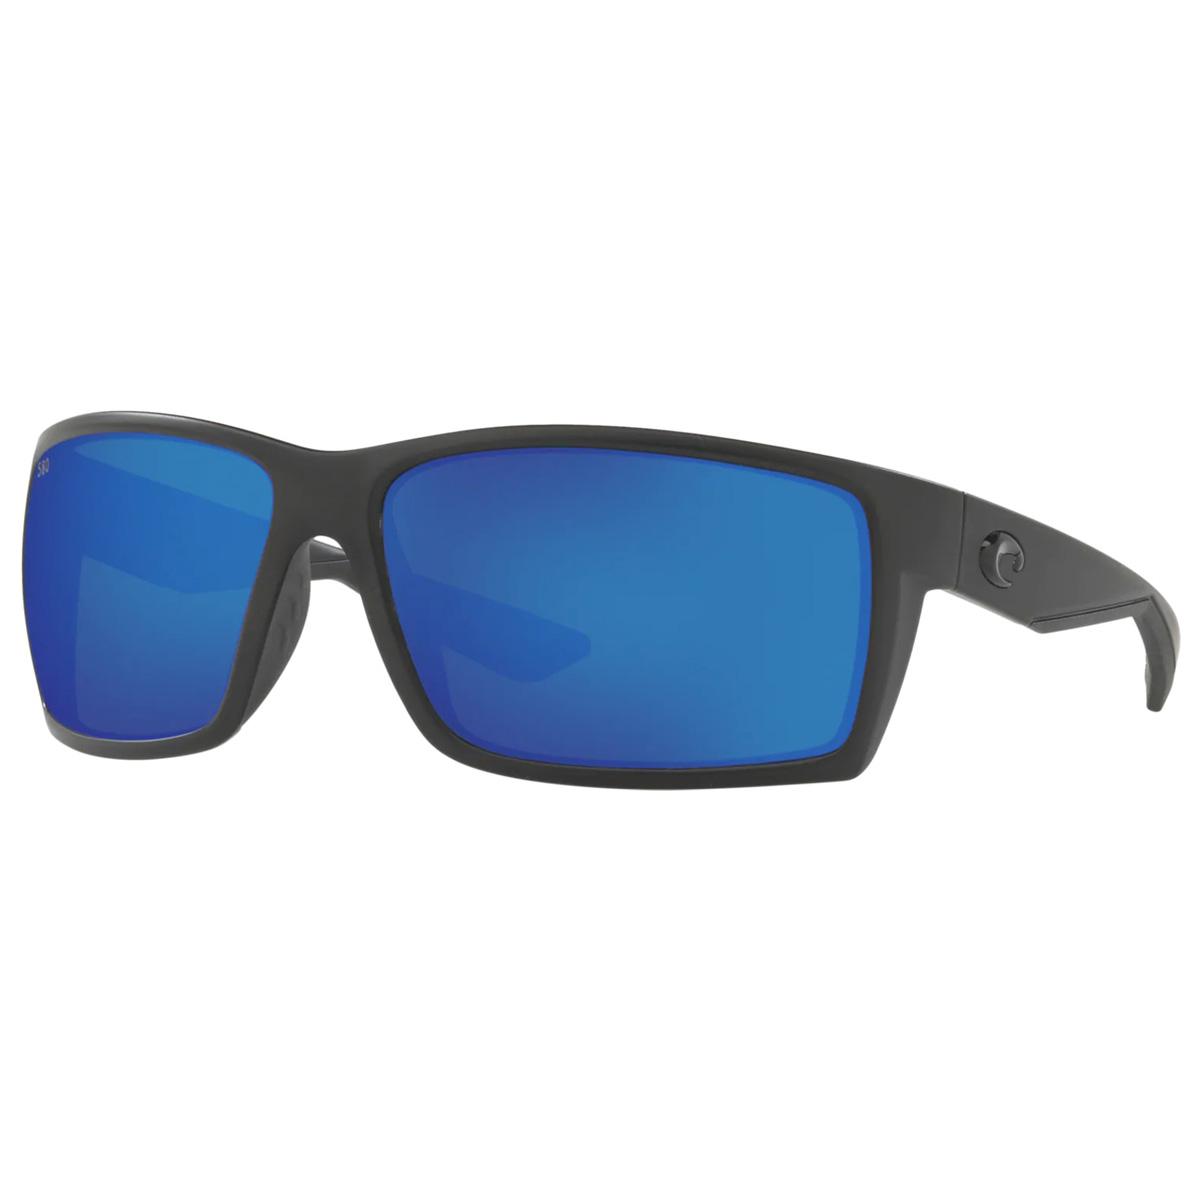 Costa Del Mar Reefton Polarized Sunglasses Blue Mirror